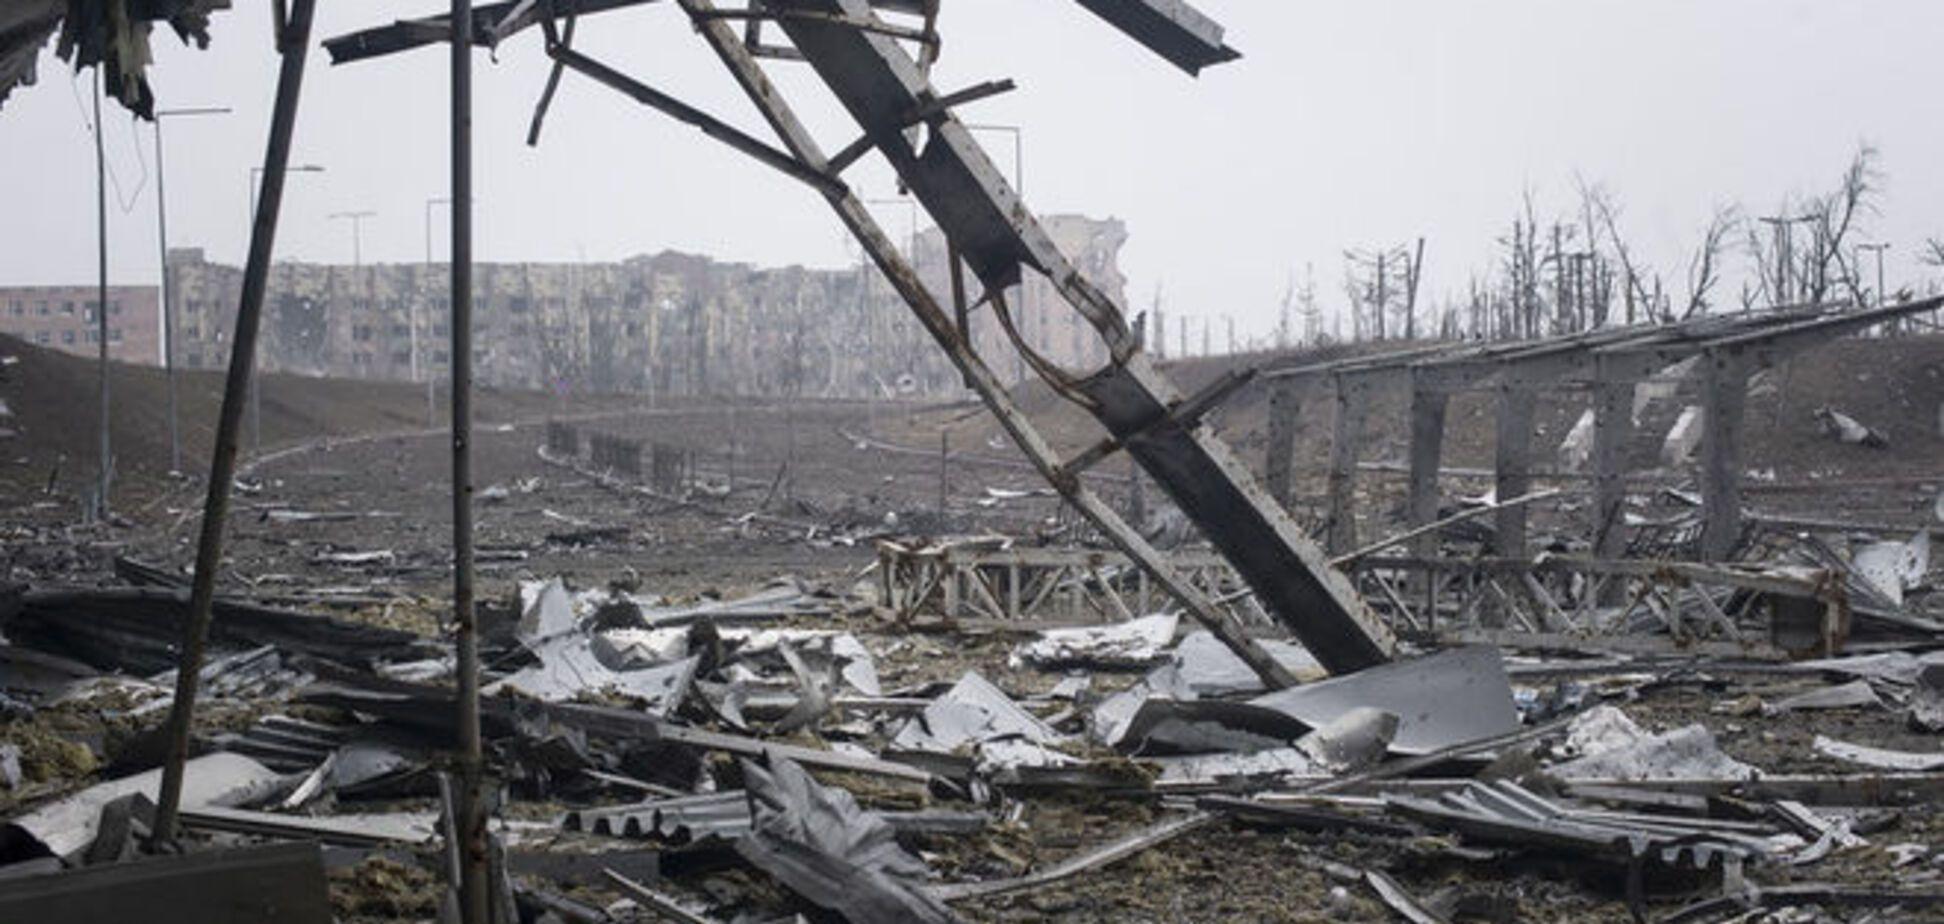 Под завалами донецкого аэропорта находят тела 'киборгов' - ОБСЕ